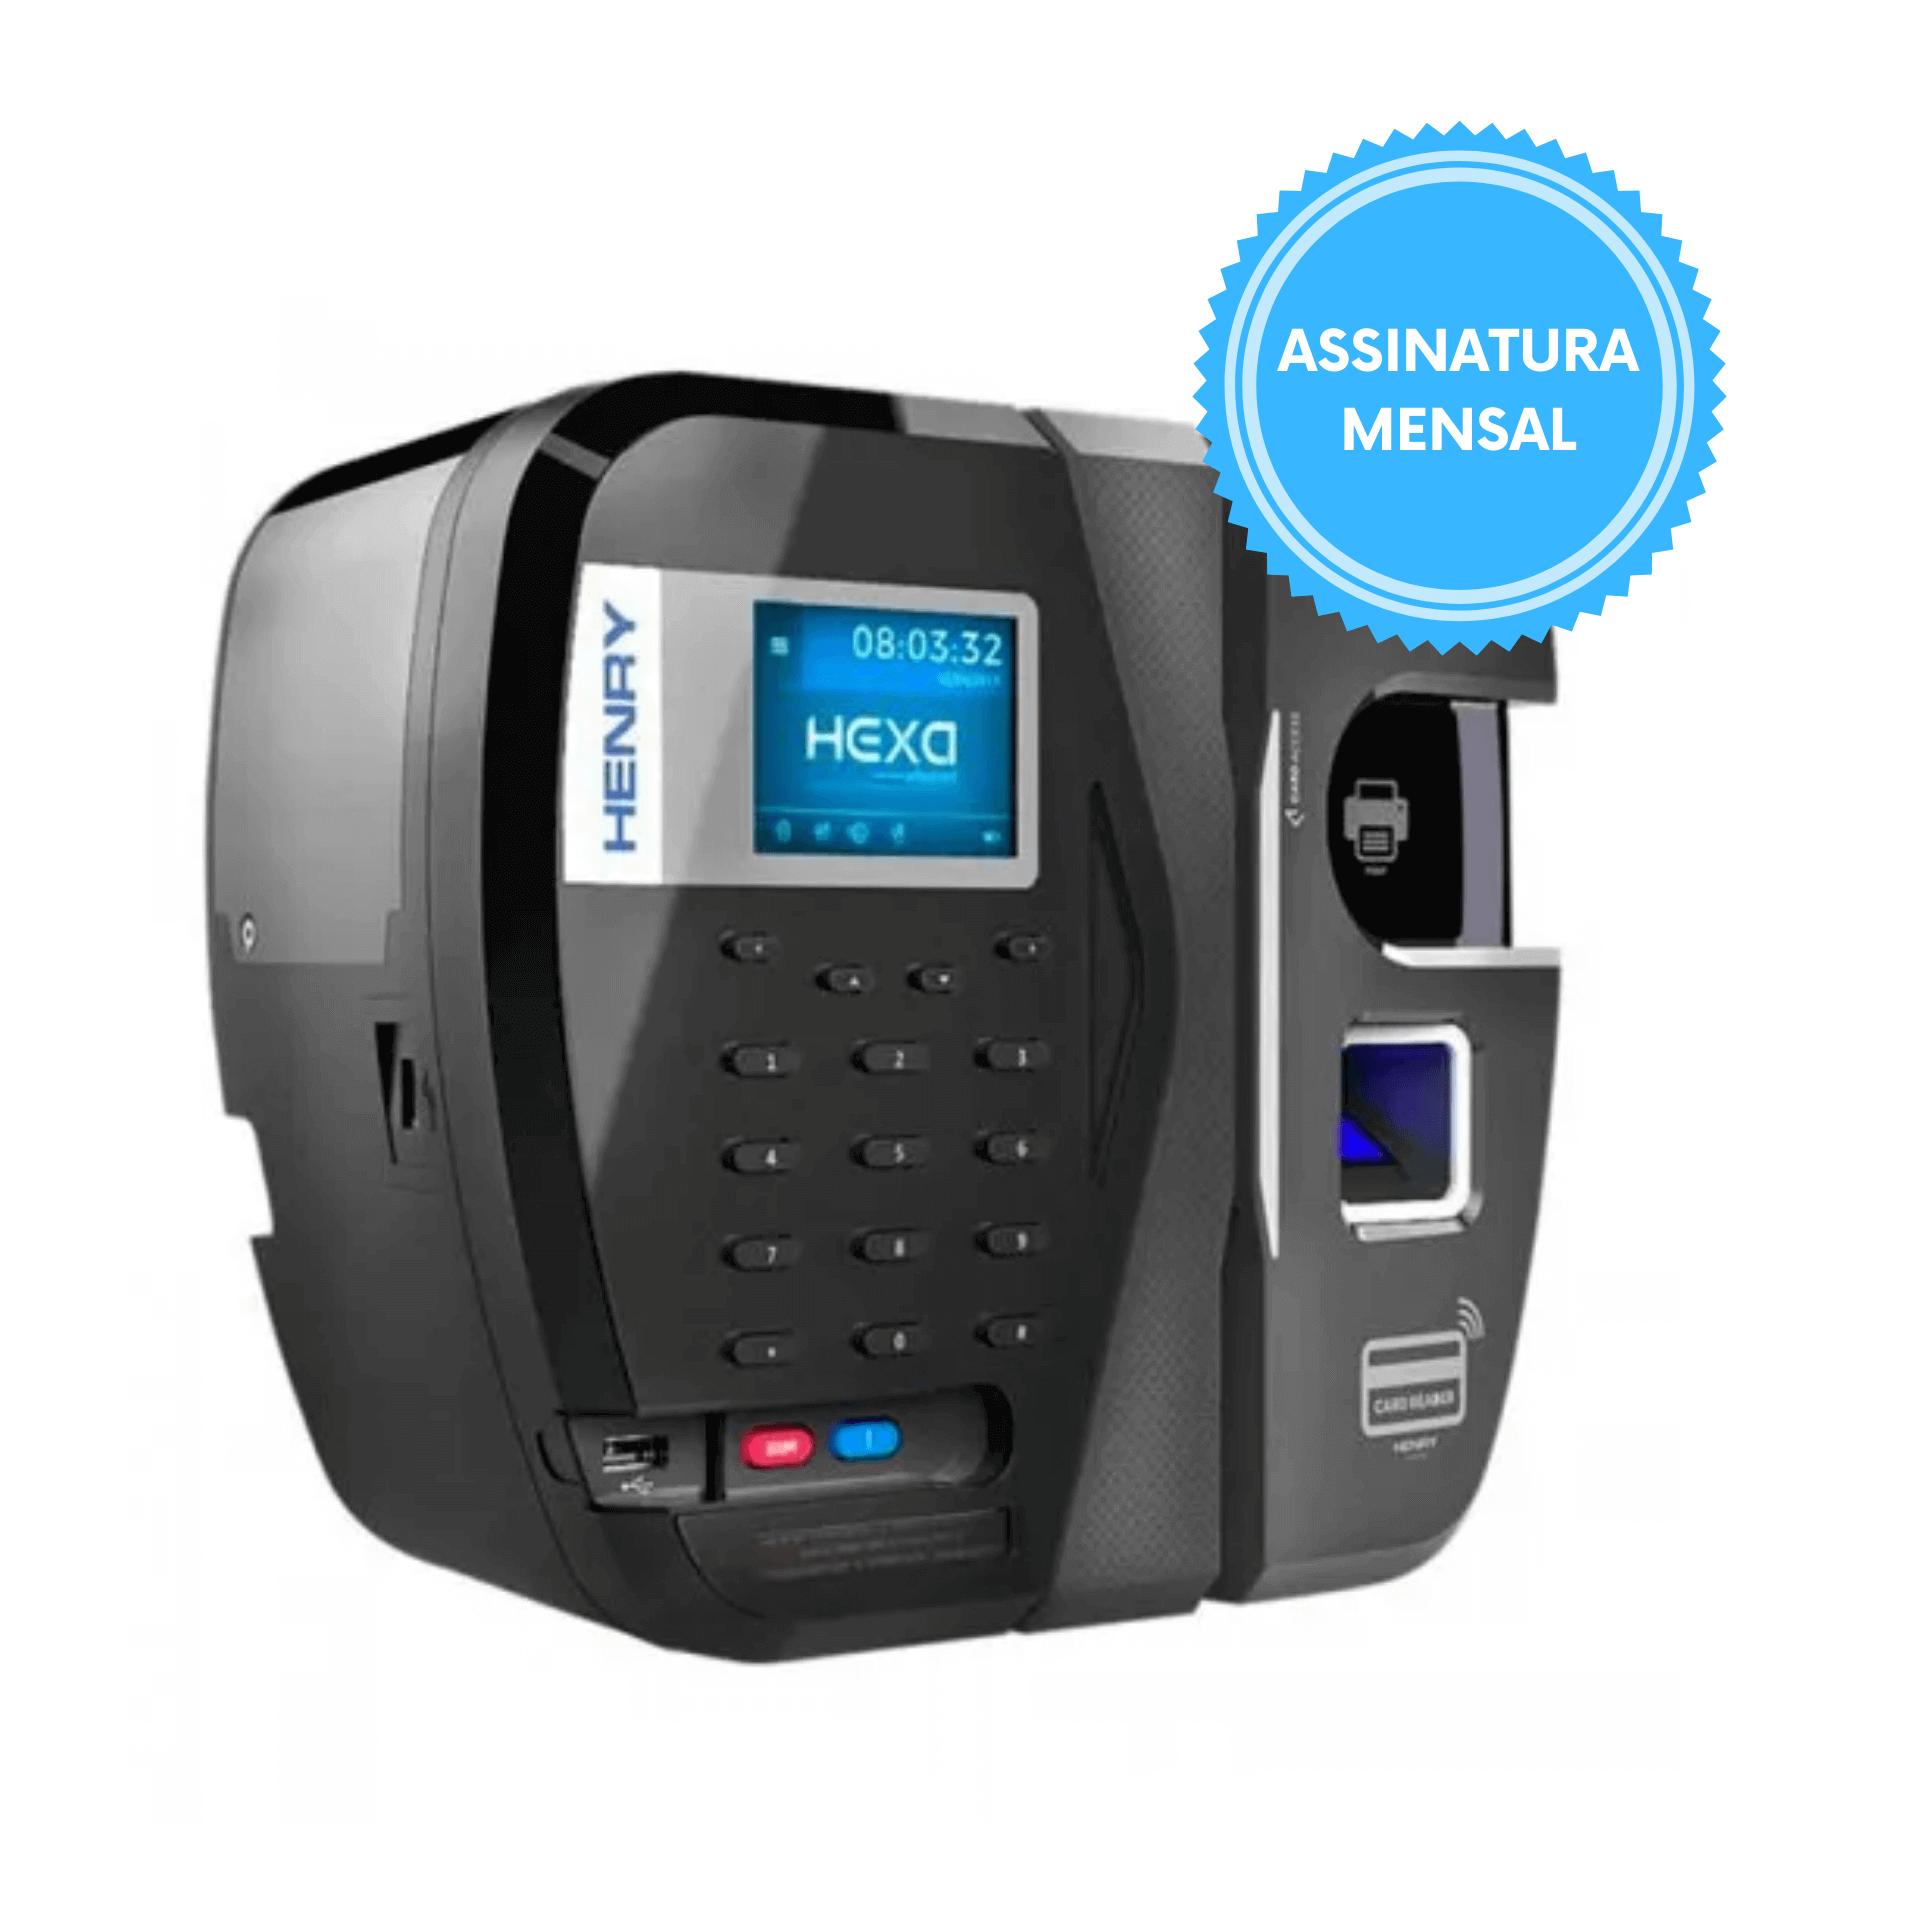 Relógio de Ponto REP Hexa Biometria Proximidade c/ Software